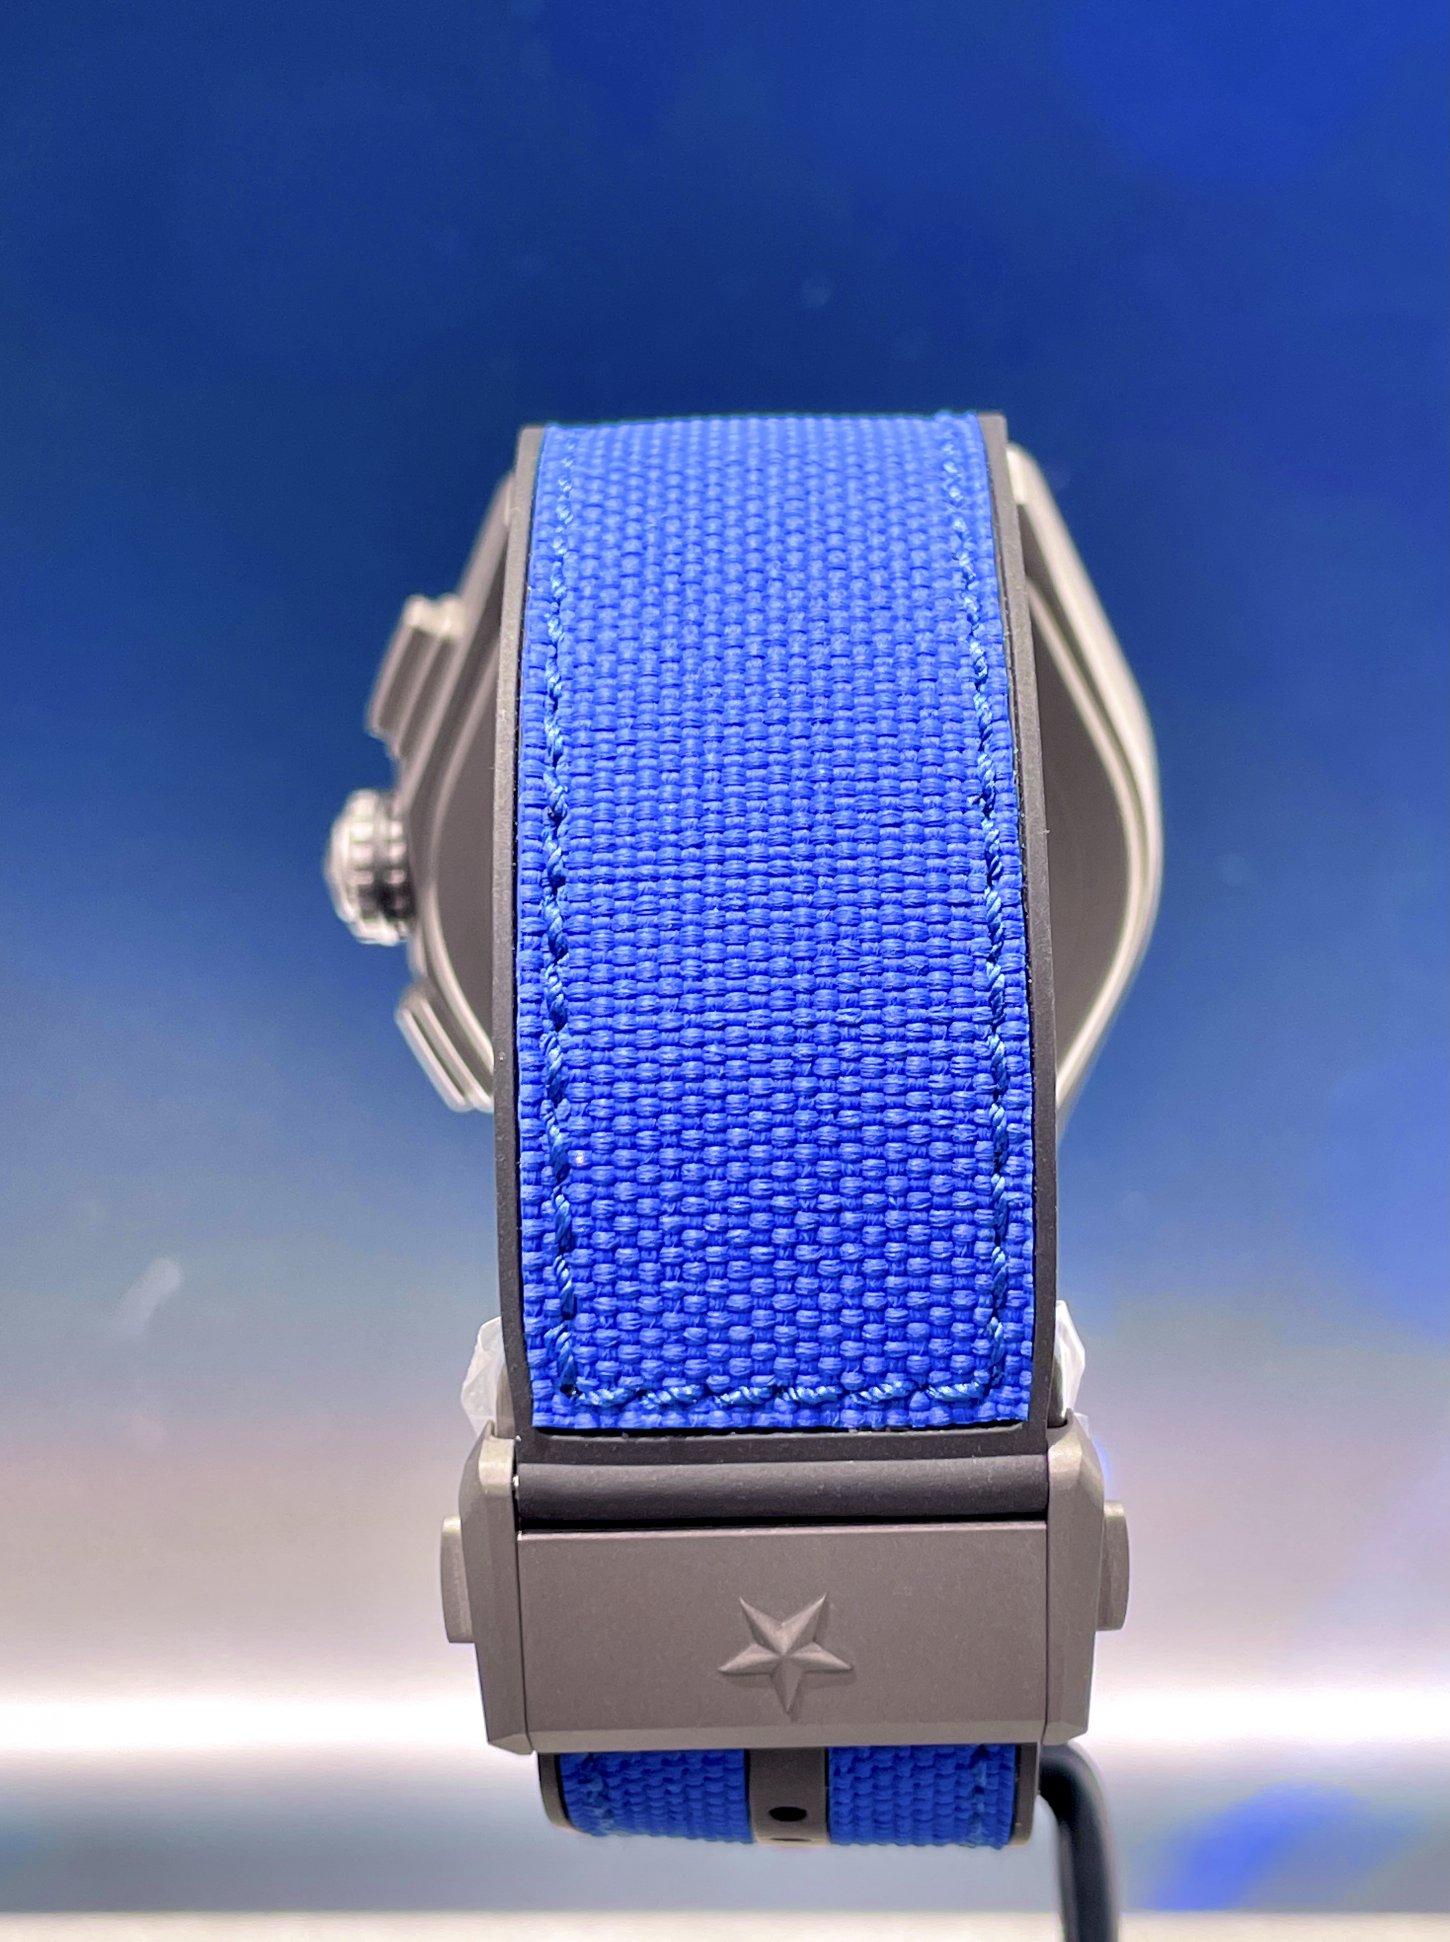 インパクトのあるブルーで腕元にアクセントを!『デファイ エル・プリメロ21 ウルトラブルー』 - DEFY |6E76D4AC-A618-4DDD-A3E9-168C213C53E9-002